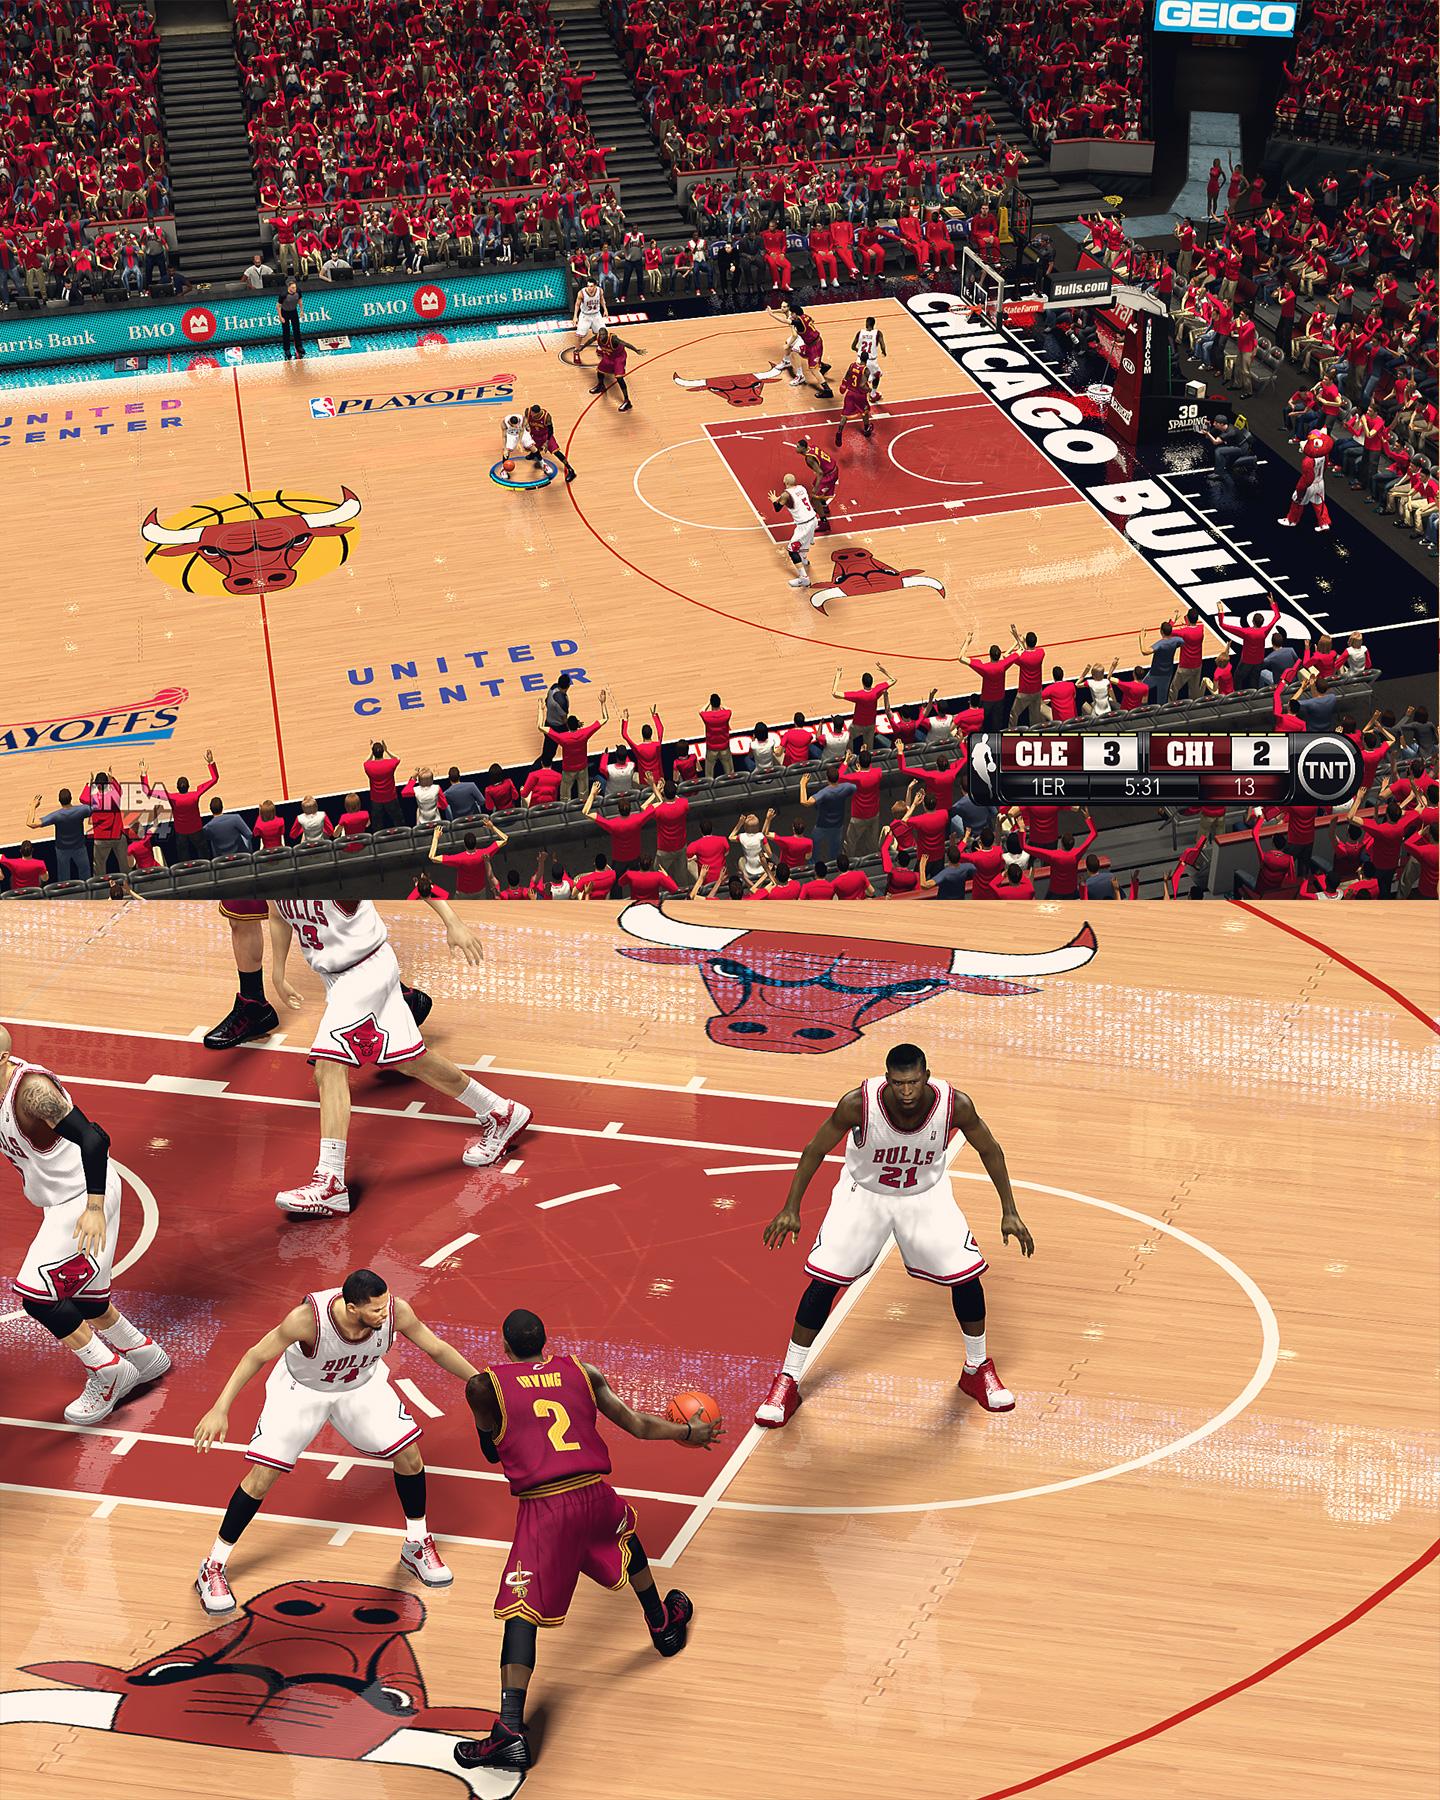 Exterior: Chicago Bulls United Center